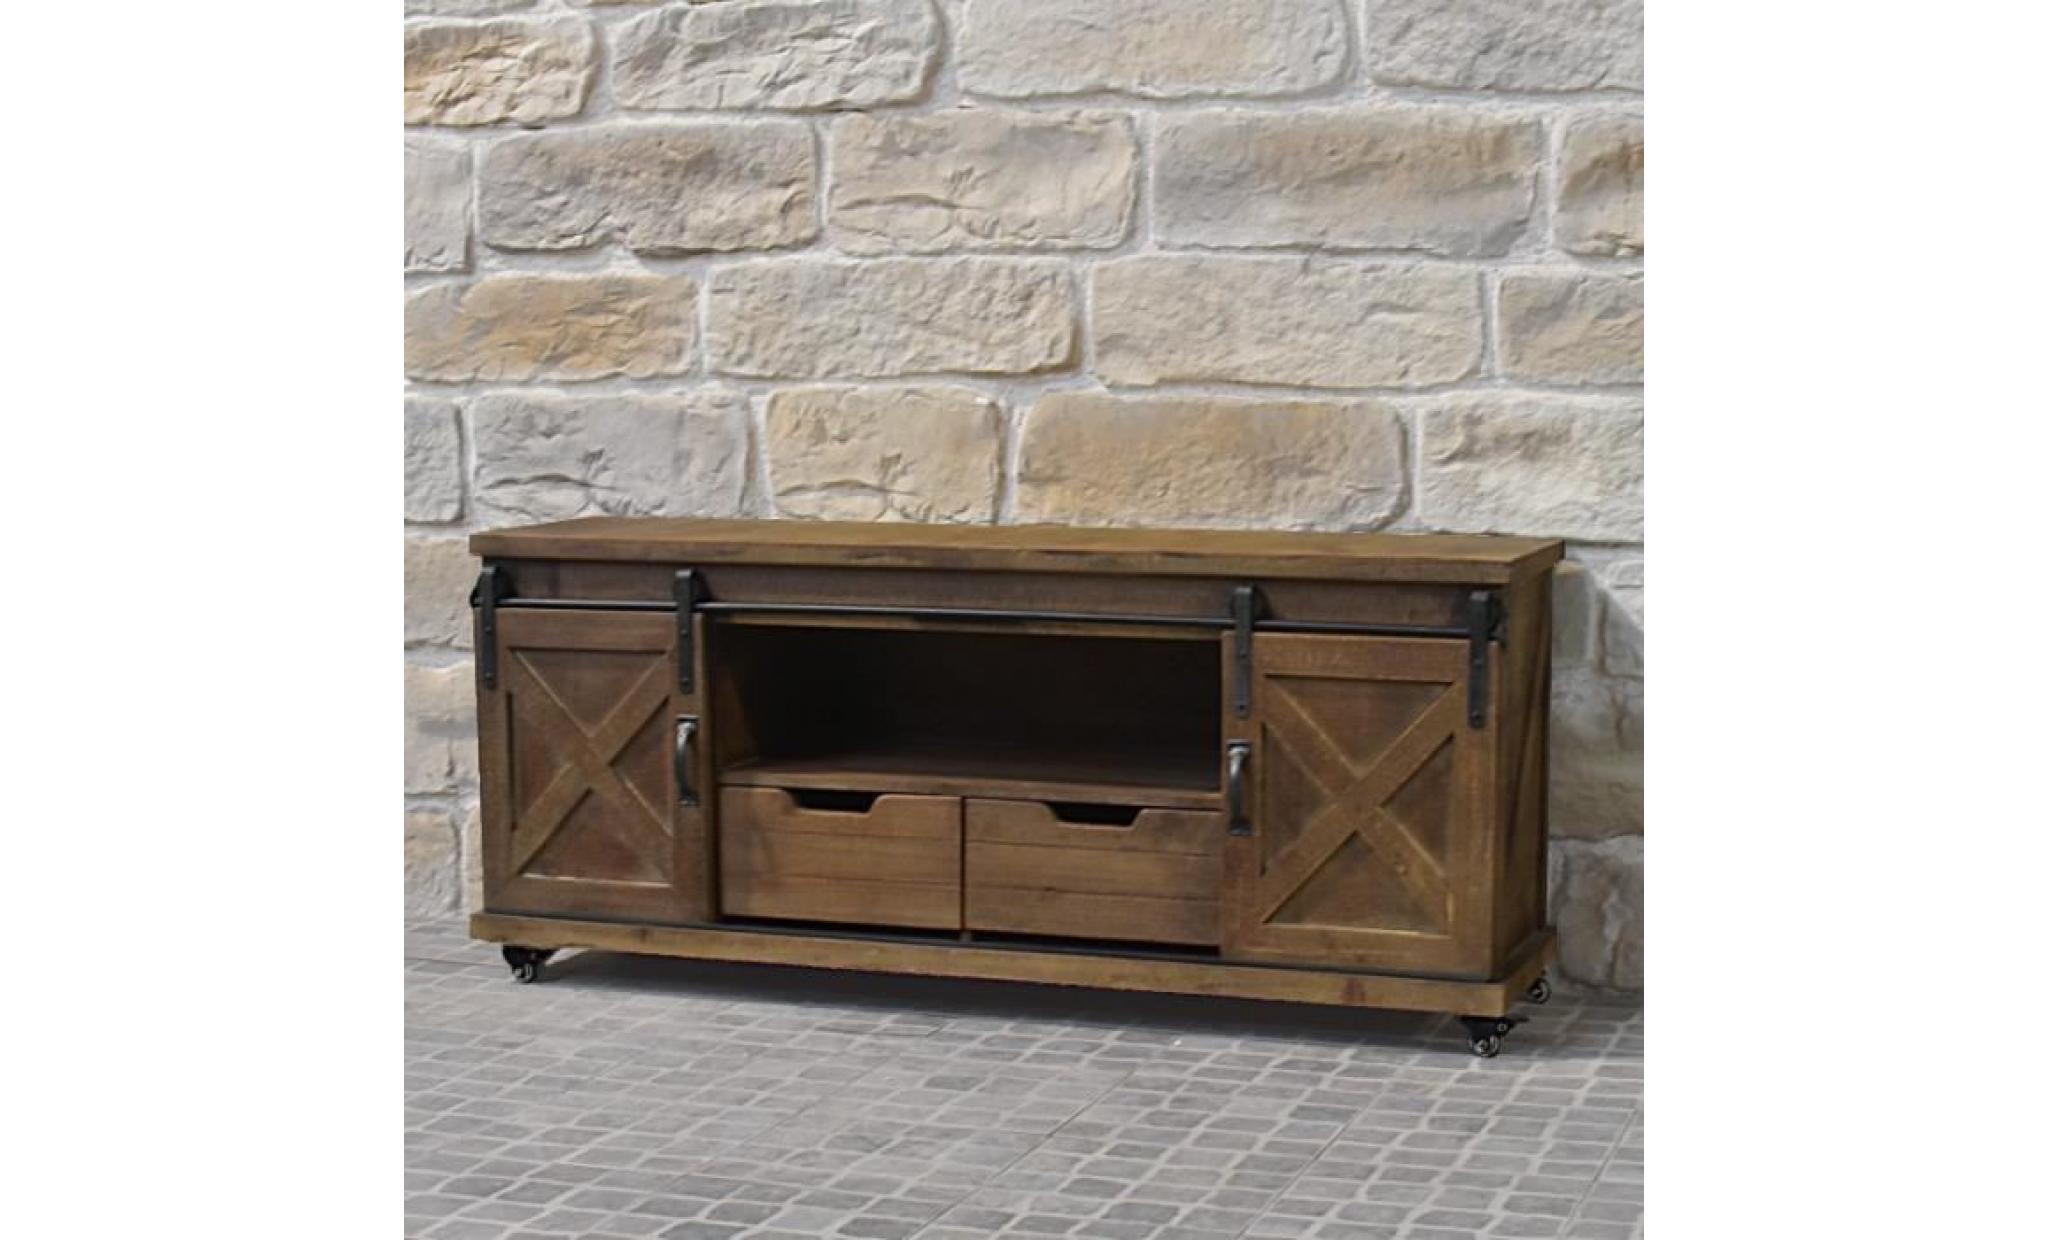 meuble tele tv industriel campagne en bois fer 140 cm achat vente meuble tv pas cher couleur et design fr